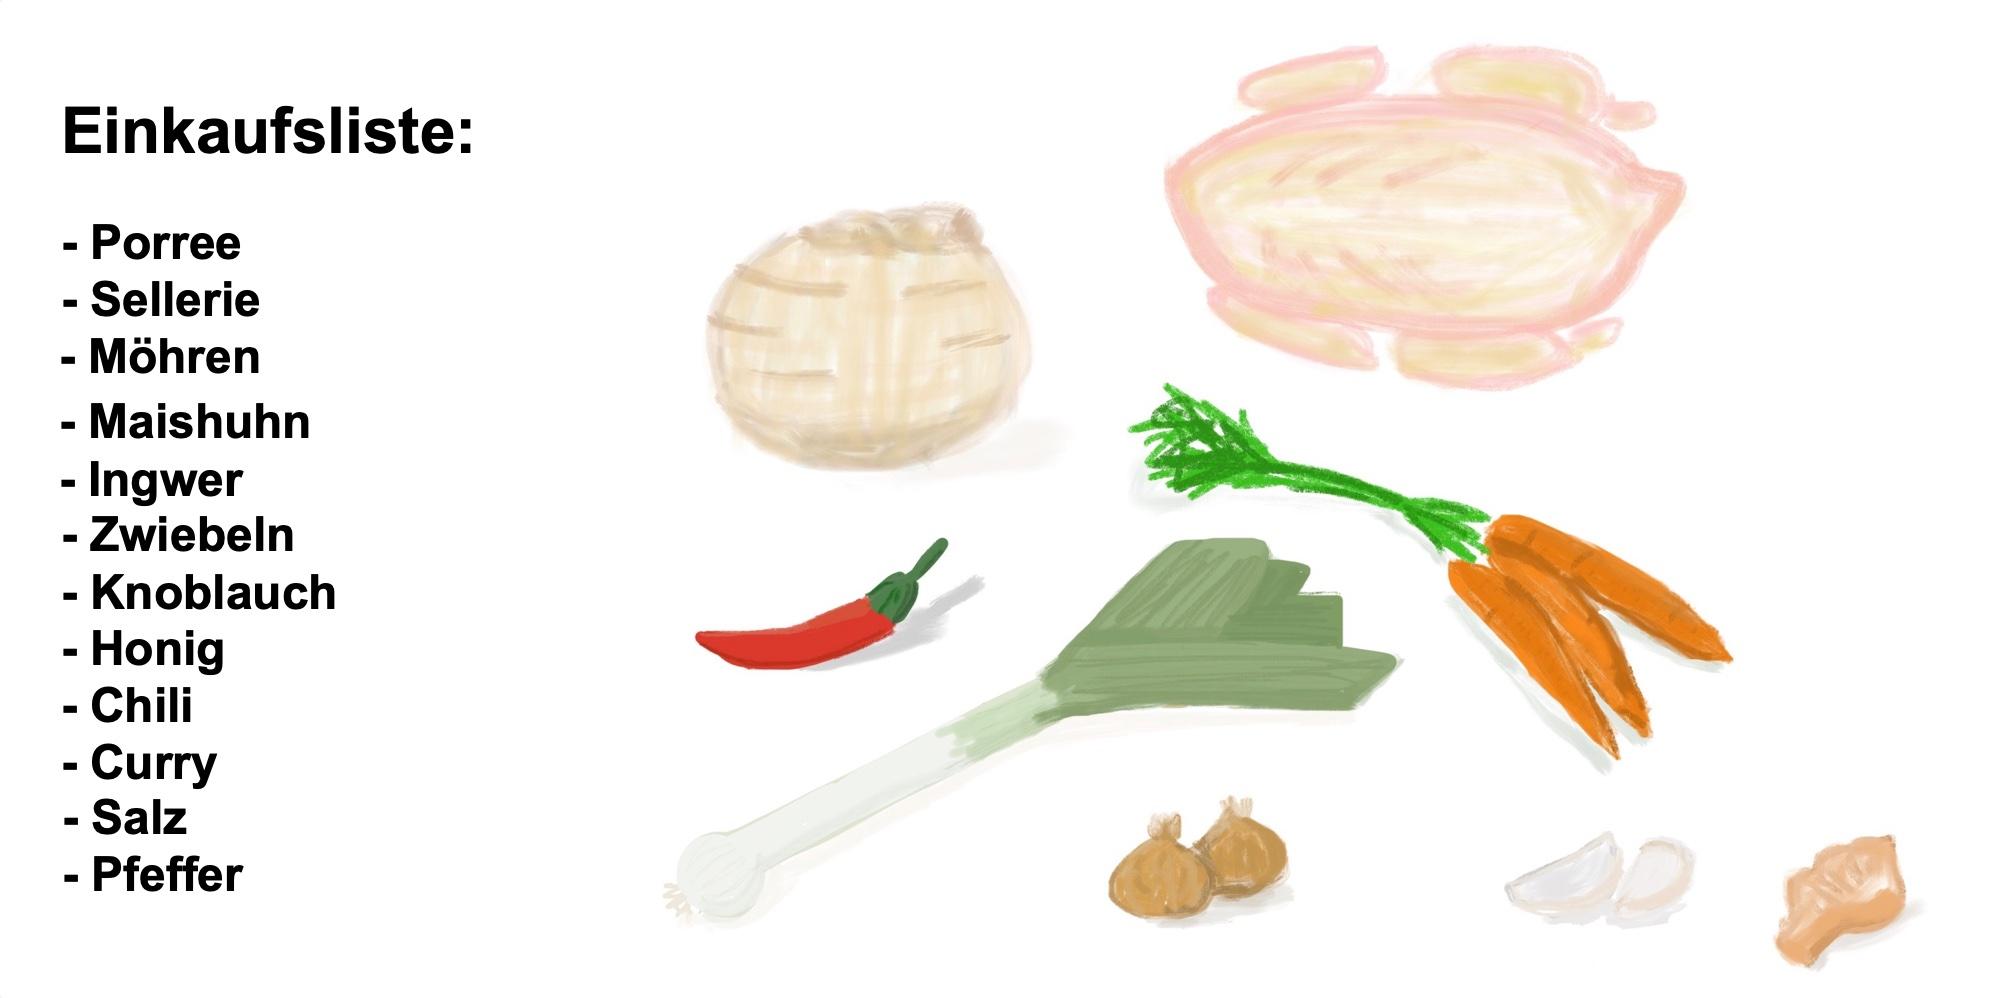 Heiße Hühnersuppe heilt, Einkaufsliste